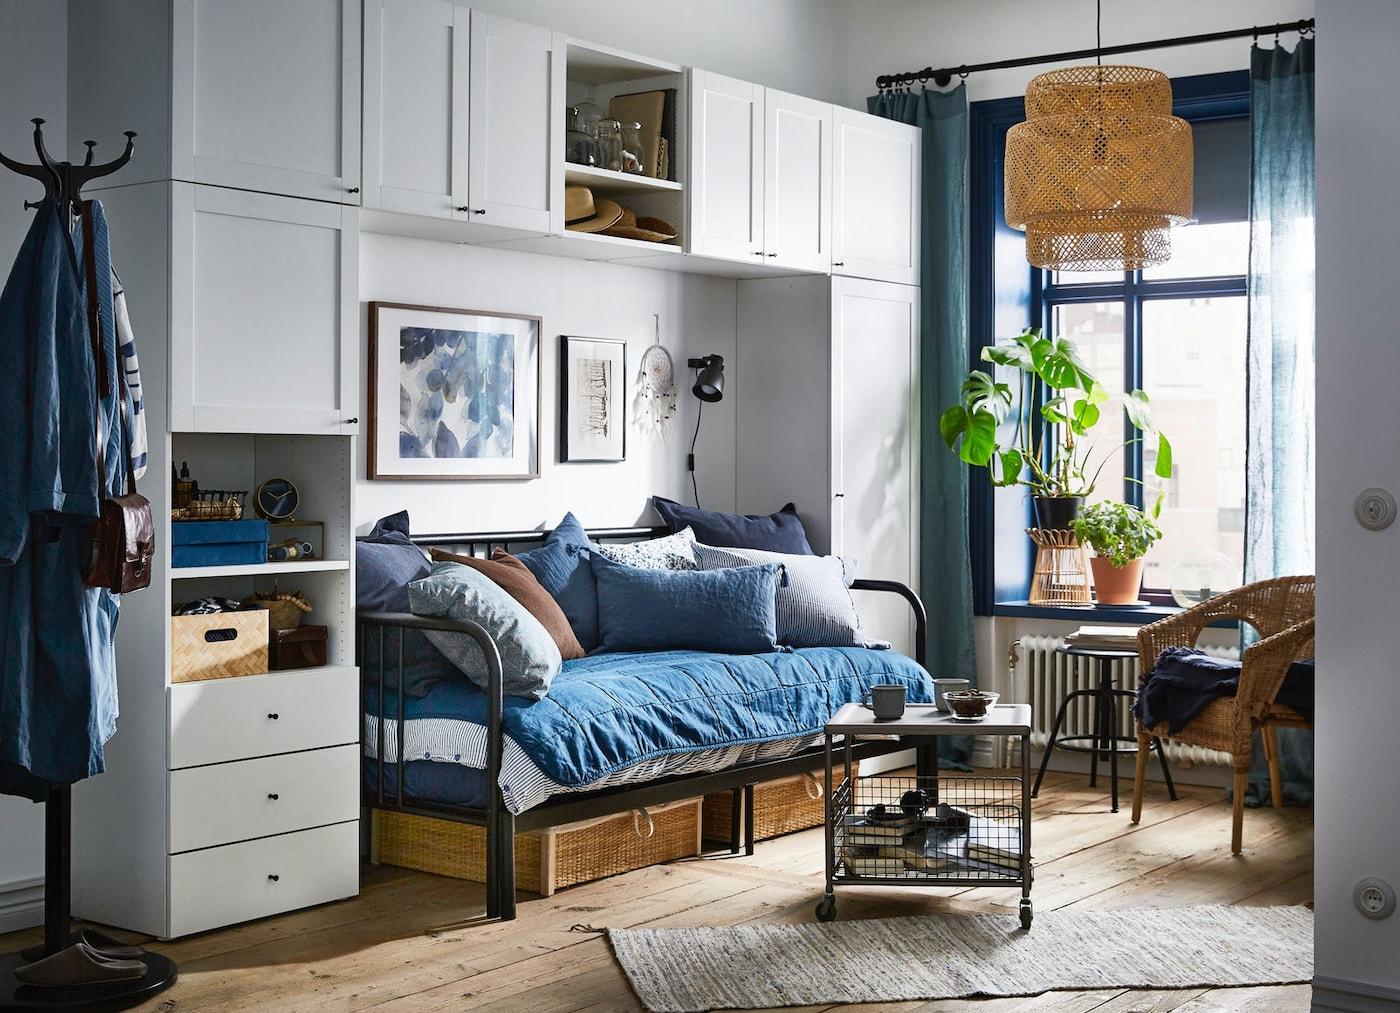 Спальня-гостиная с кушеткой ФИРЕСДАЛЬ и системой хранения ОПХУС